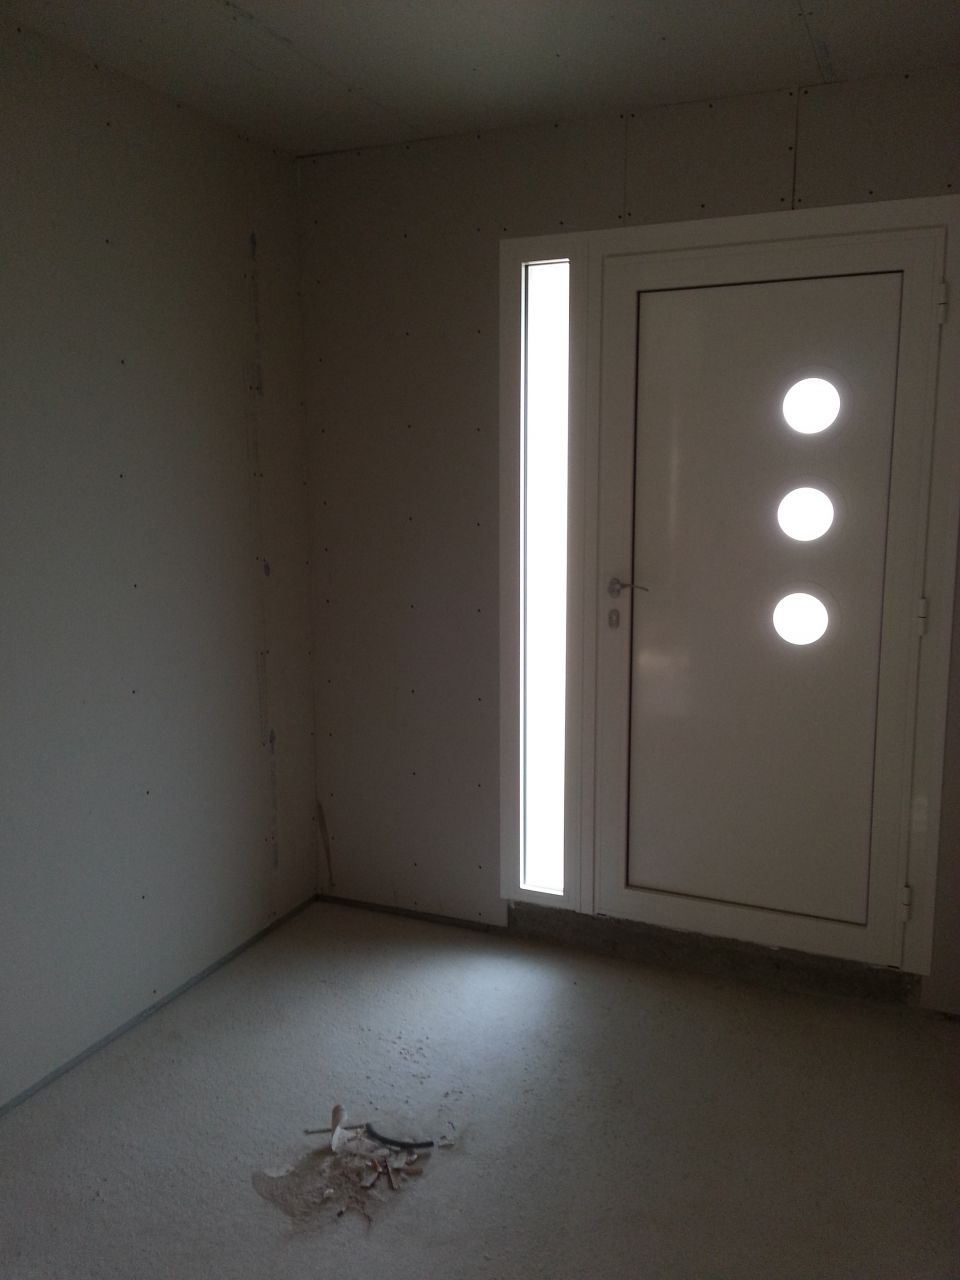 Photo porte d 39 entr e cloisonnement fini isolation for Isolation porte d entree ancienne